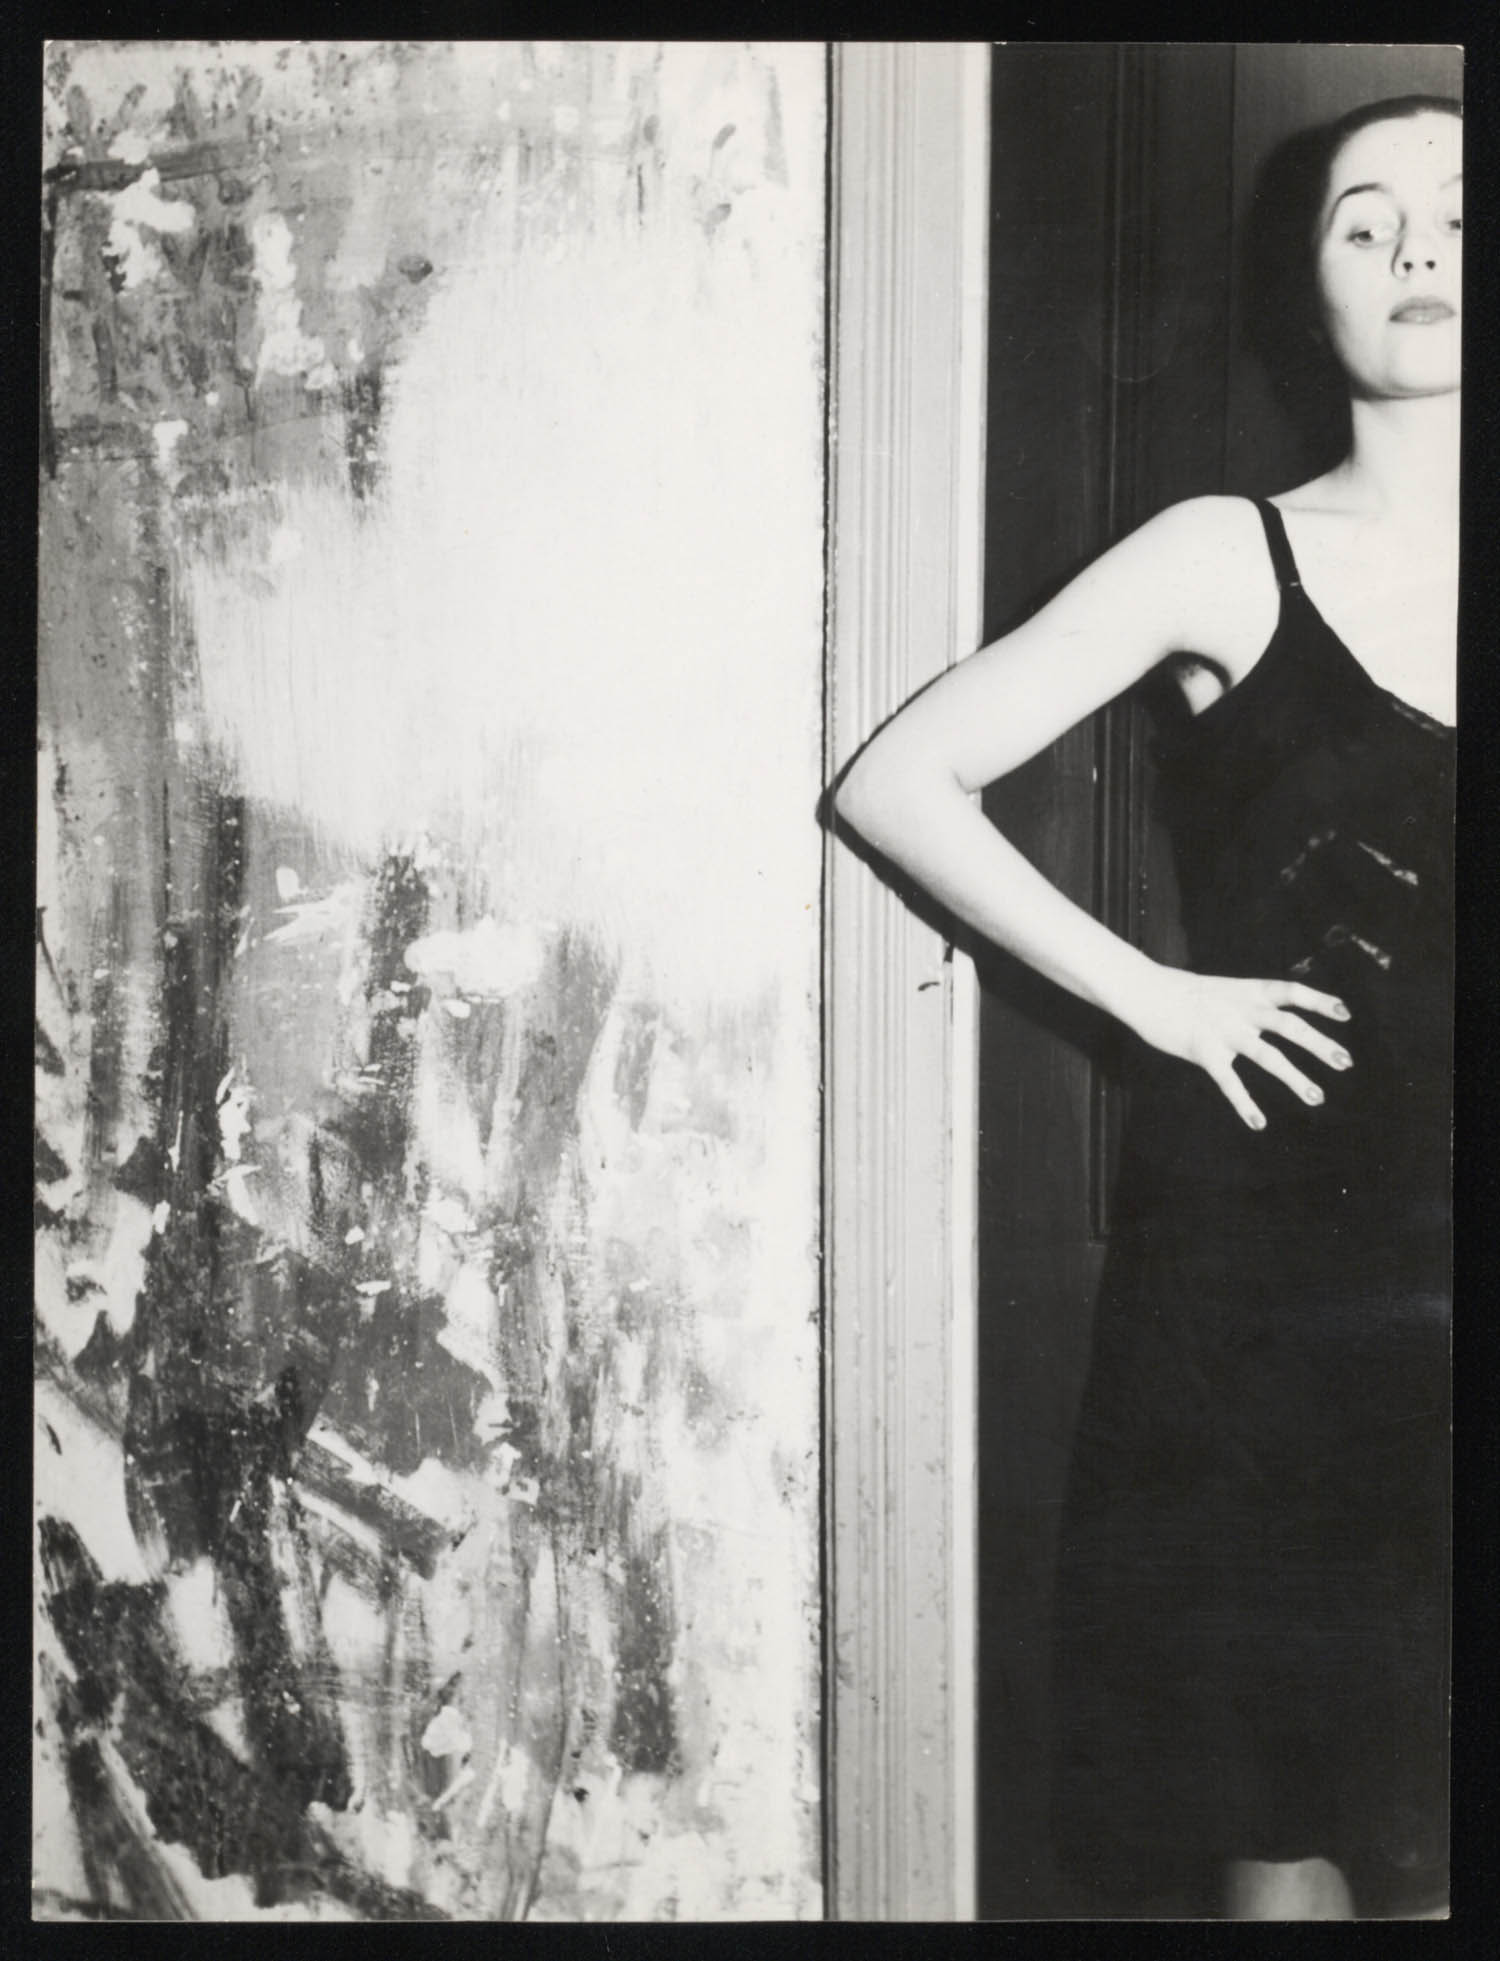 Wally Elenbaas- Doris , 1953